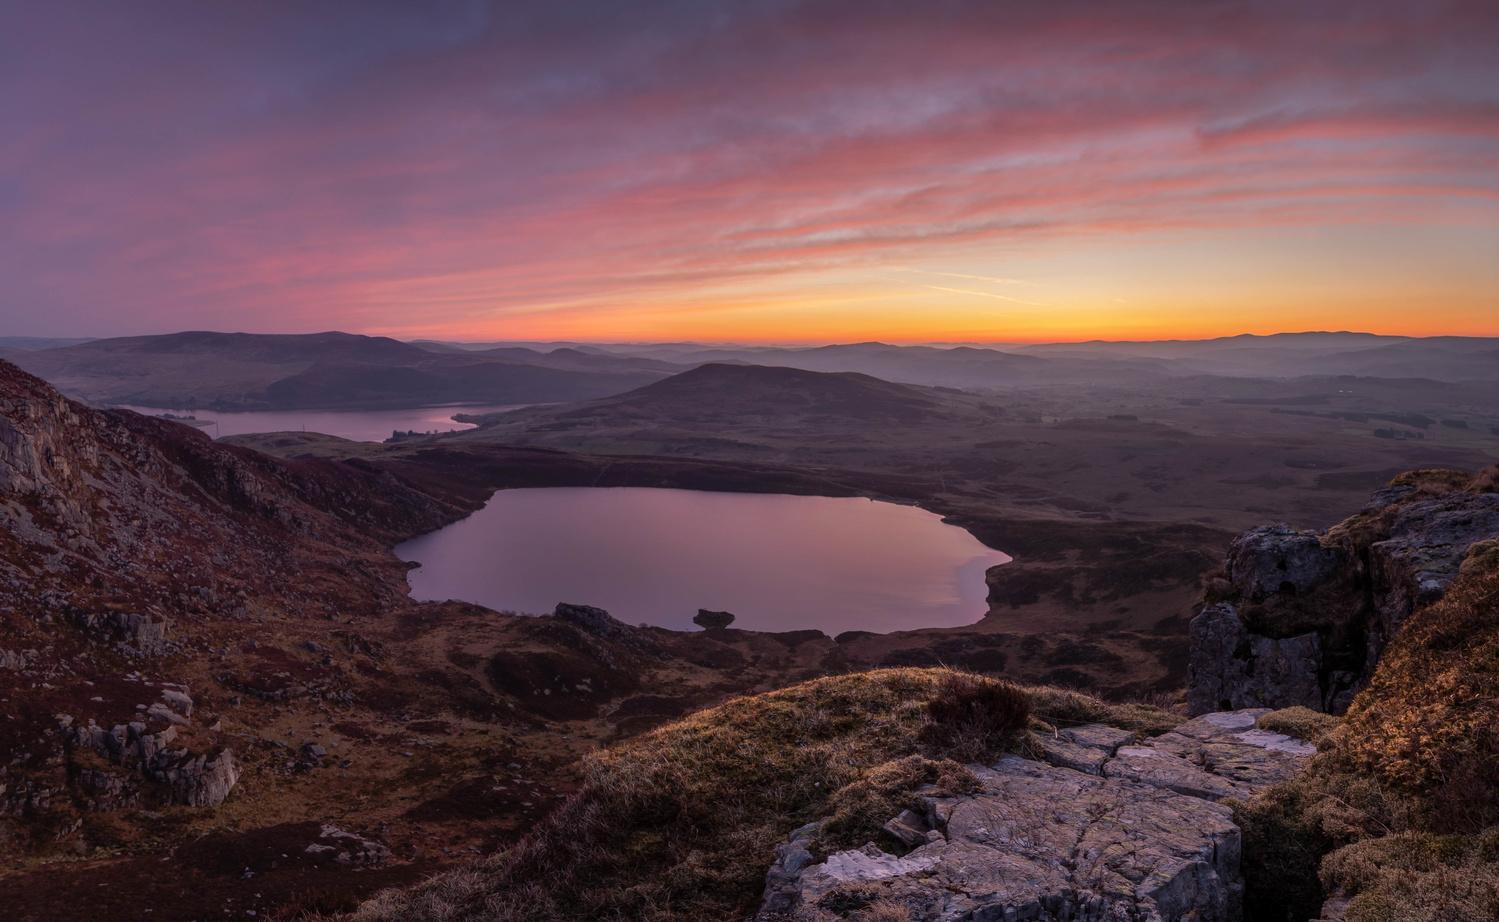 Arenig Fawr Sunrise by Luke Gage